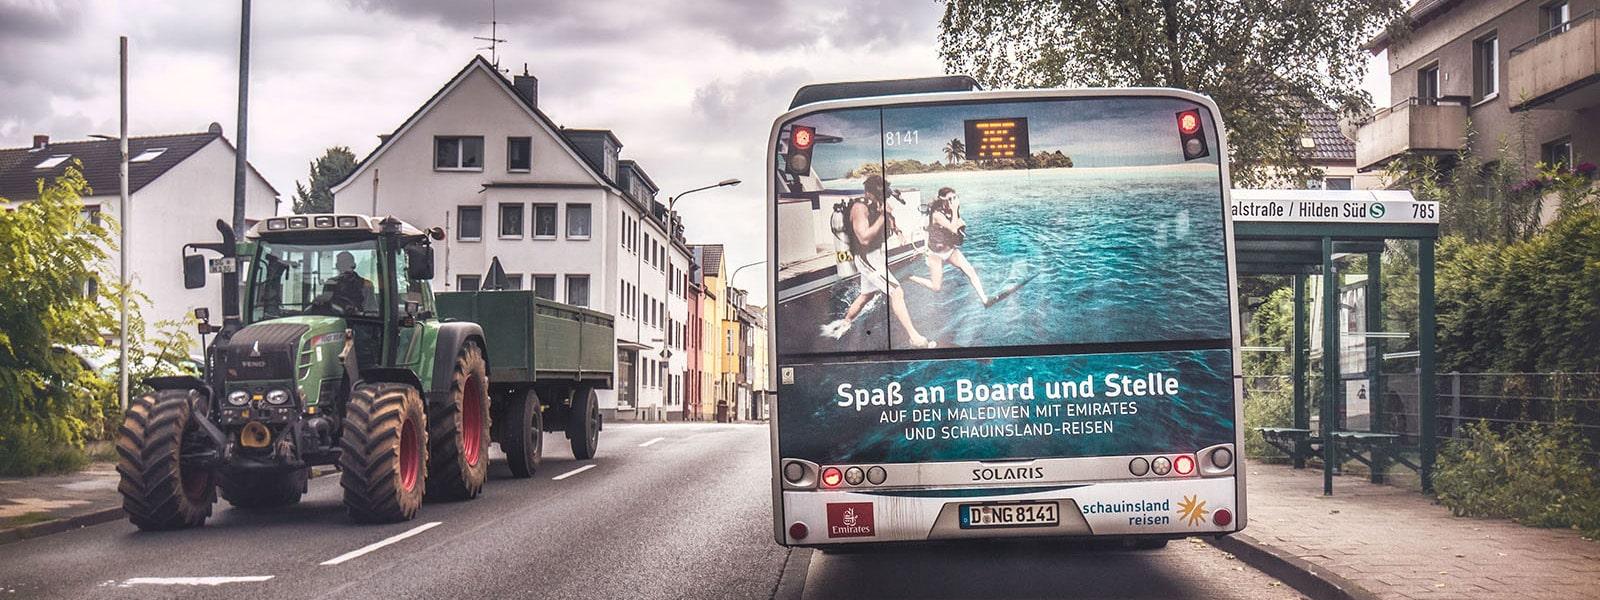 Leverkusen-Buswerbung-Heckwerbung